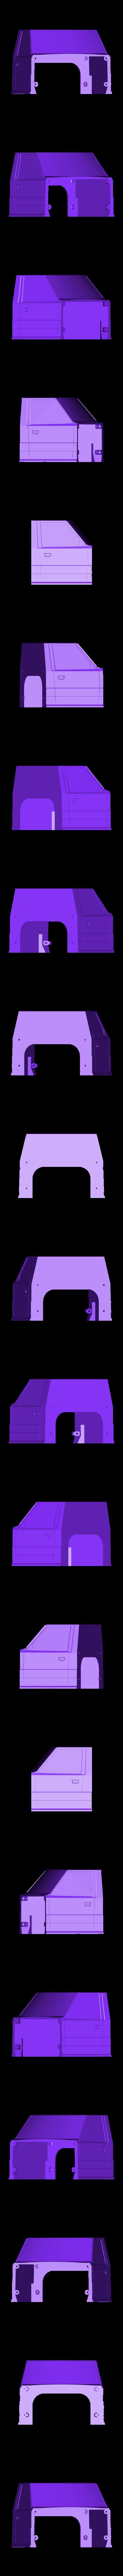 LongWB02.stl Télécharger fichier STL gratuit Corps de ramassage à échelle RC. • Modèle à imprimer en 3D, tahustvedt